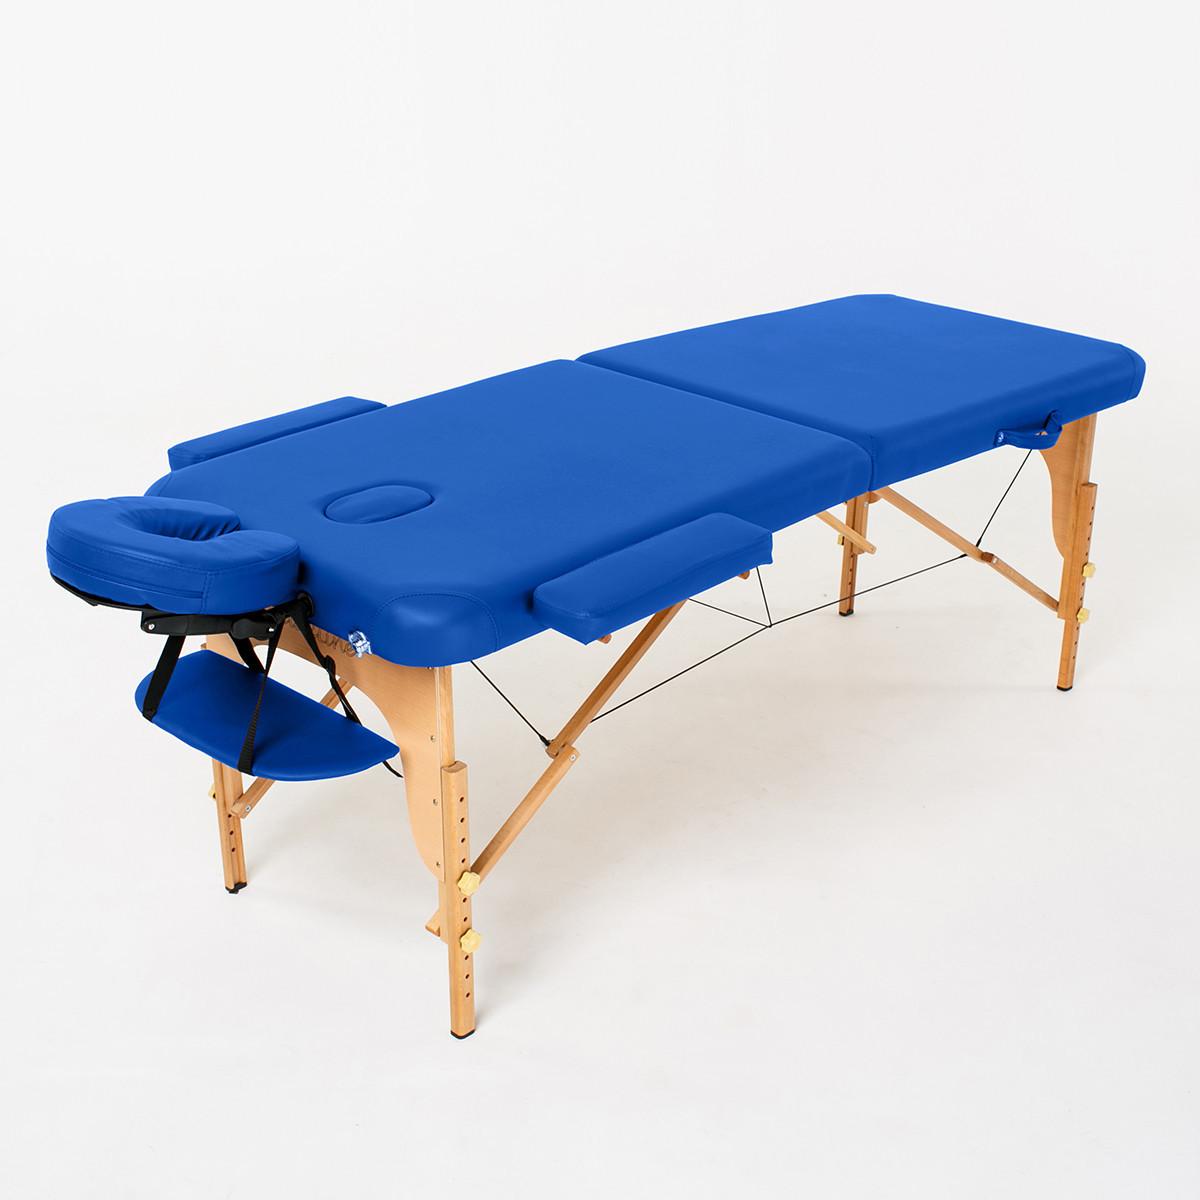 Массажный стол деревянный 2-х сегментный RelaxLine Bali (синий)